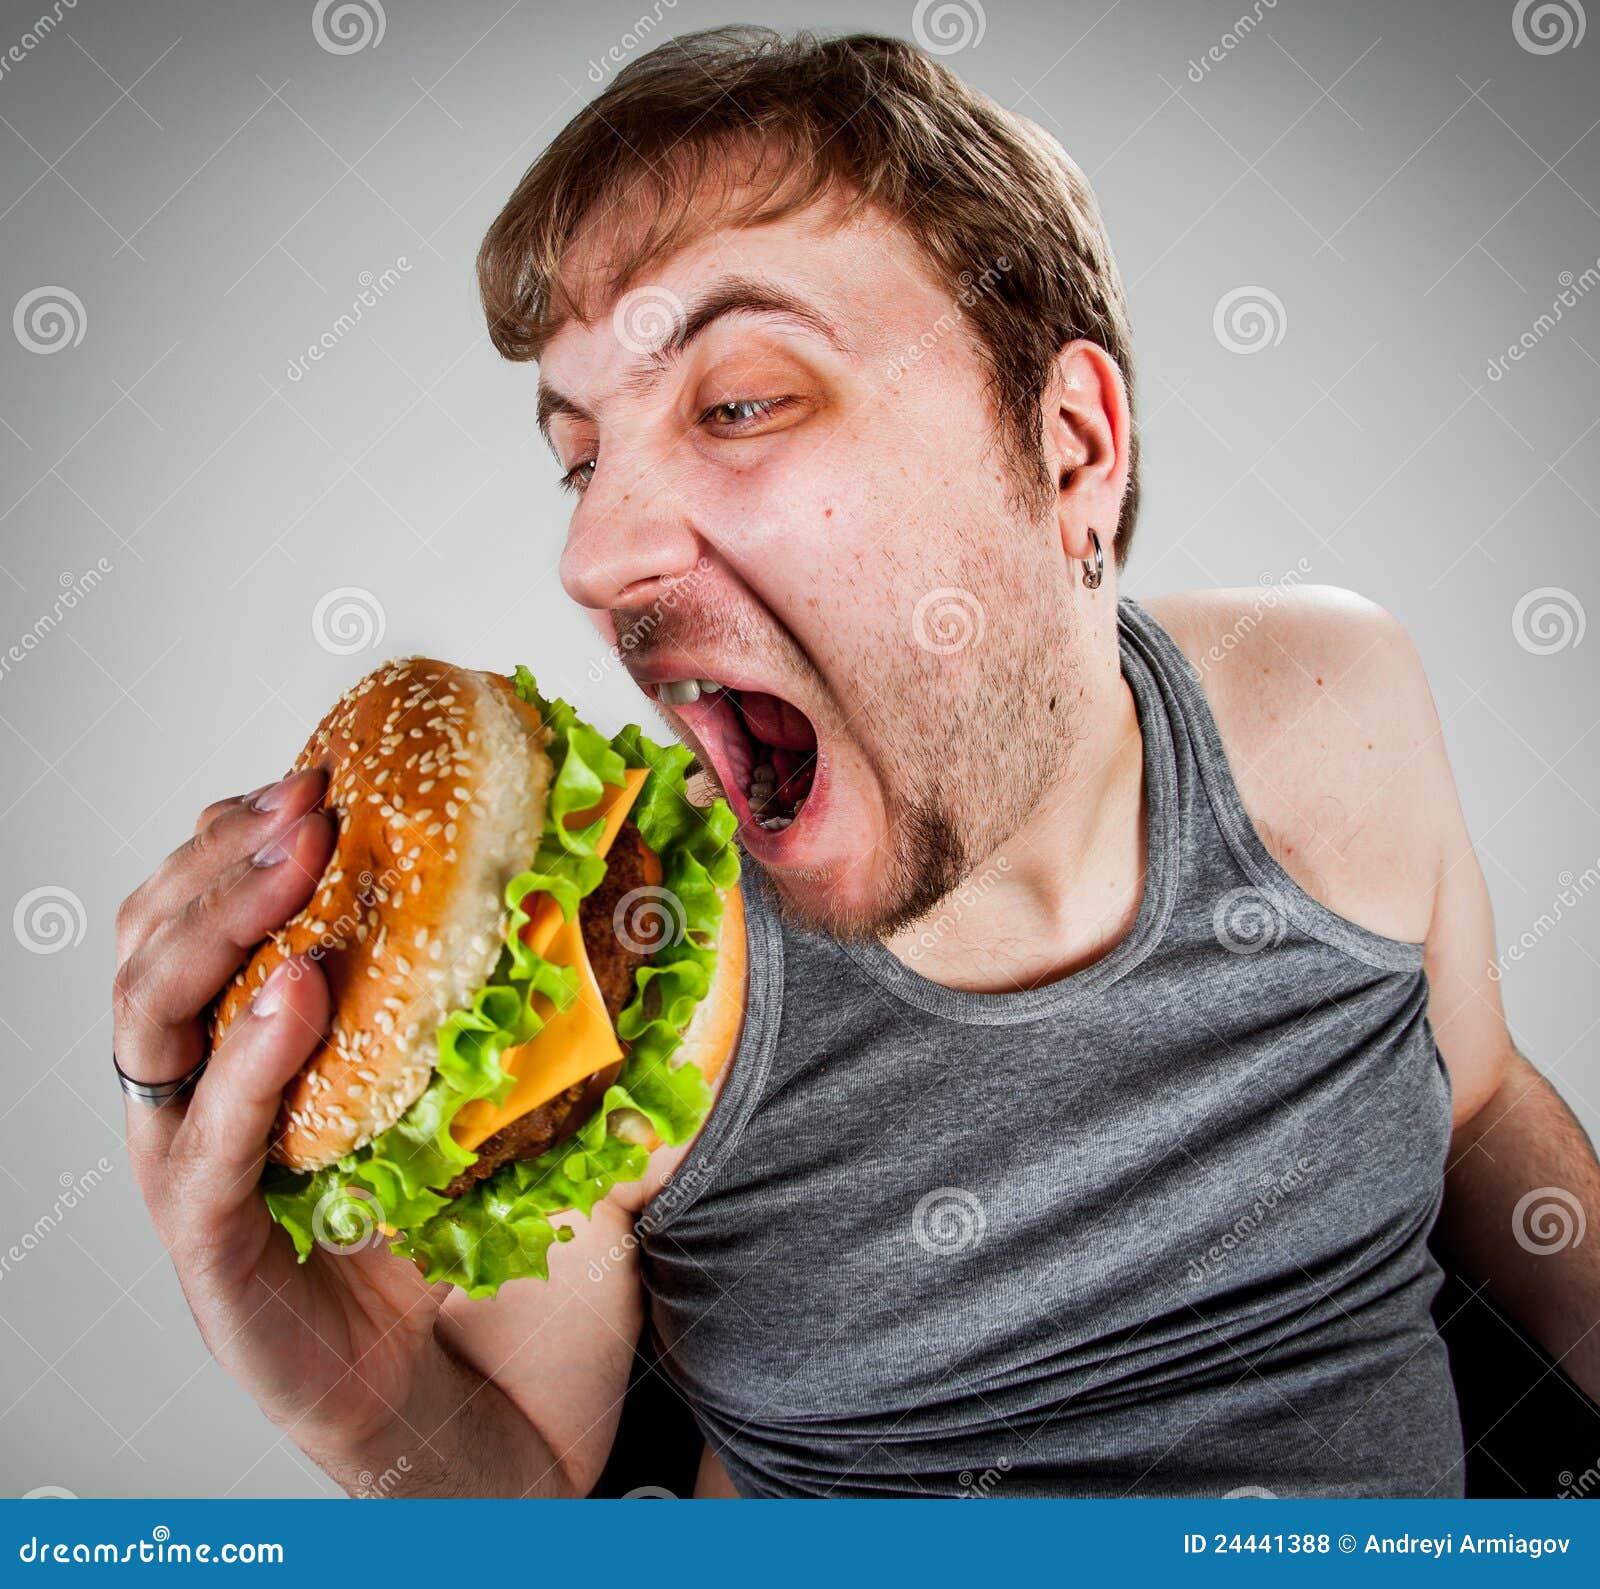 Fat Man Eating Hamburger Royalty Free Stock Photos - Image: 24441388